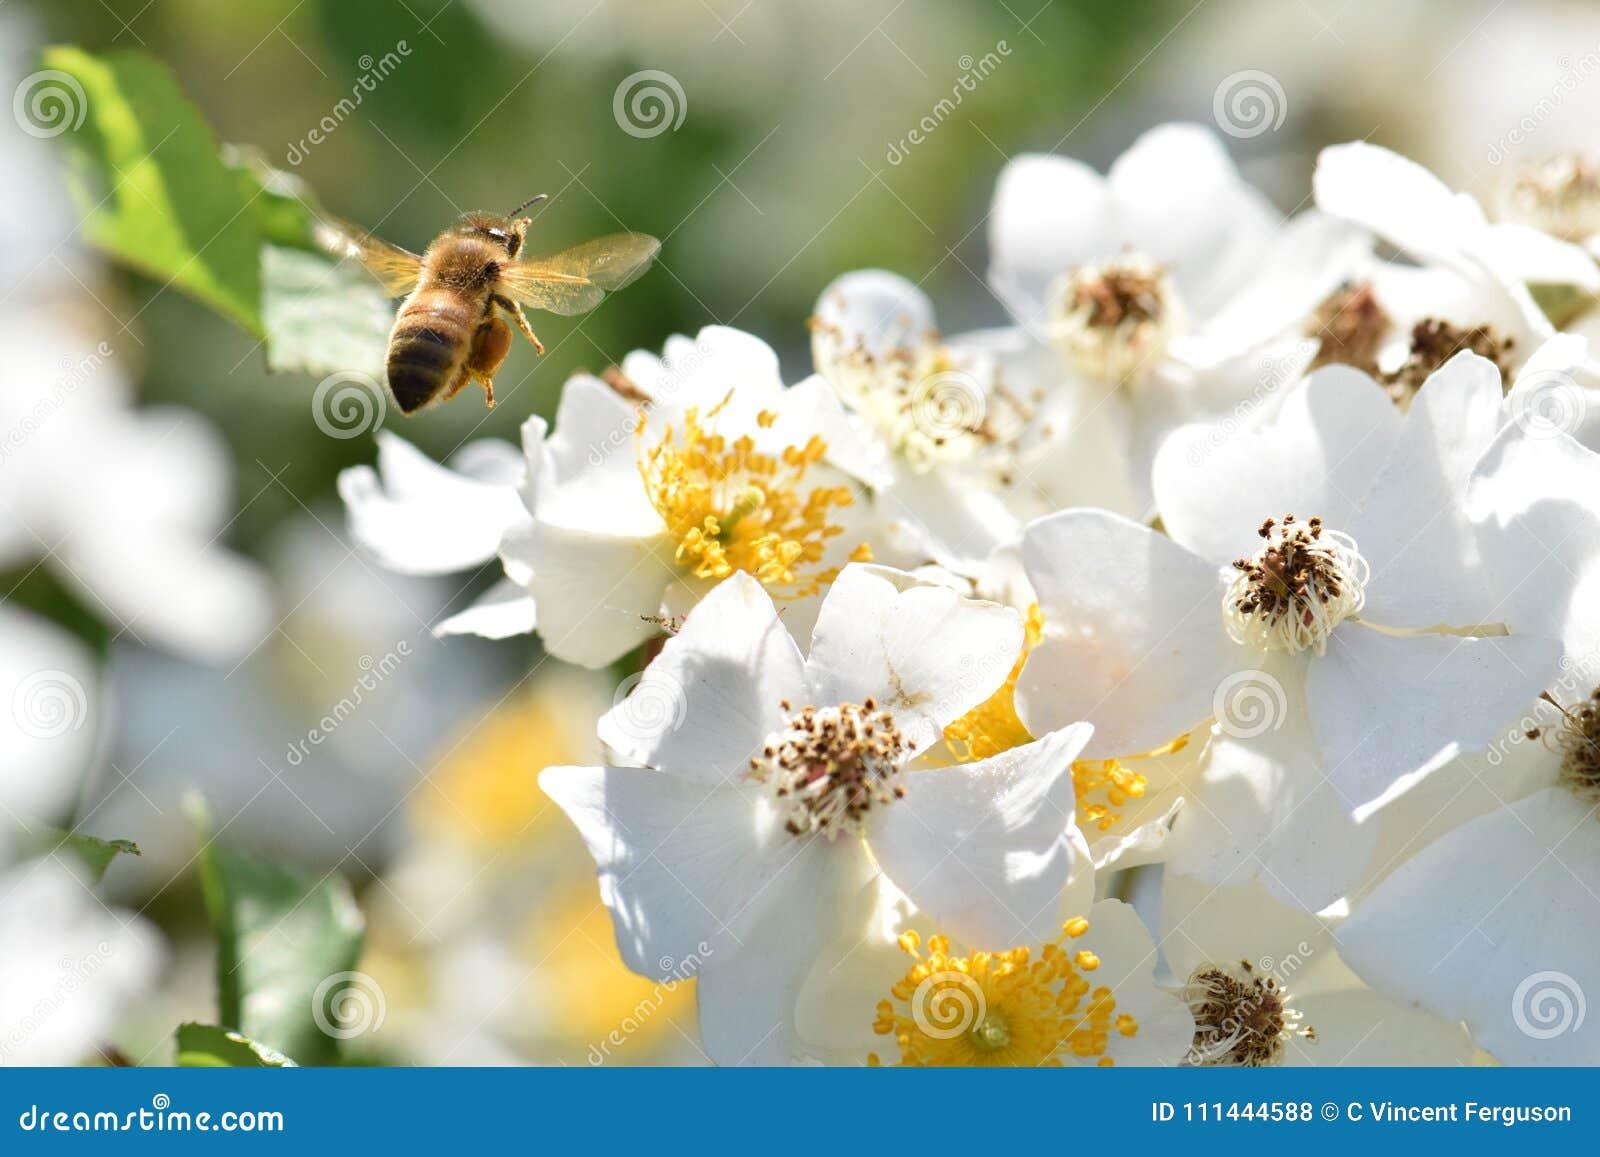 Hovering Bee White Flower Heaven